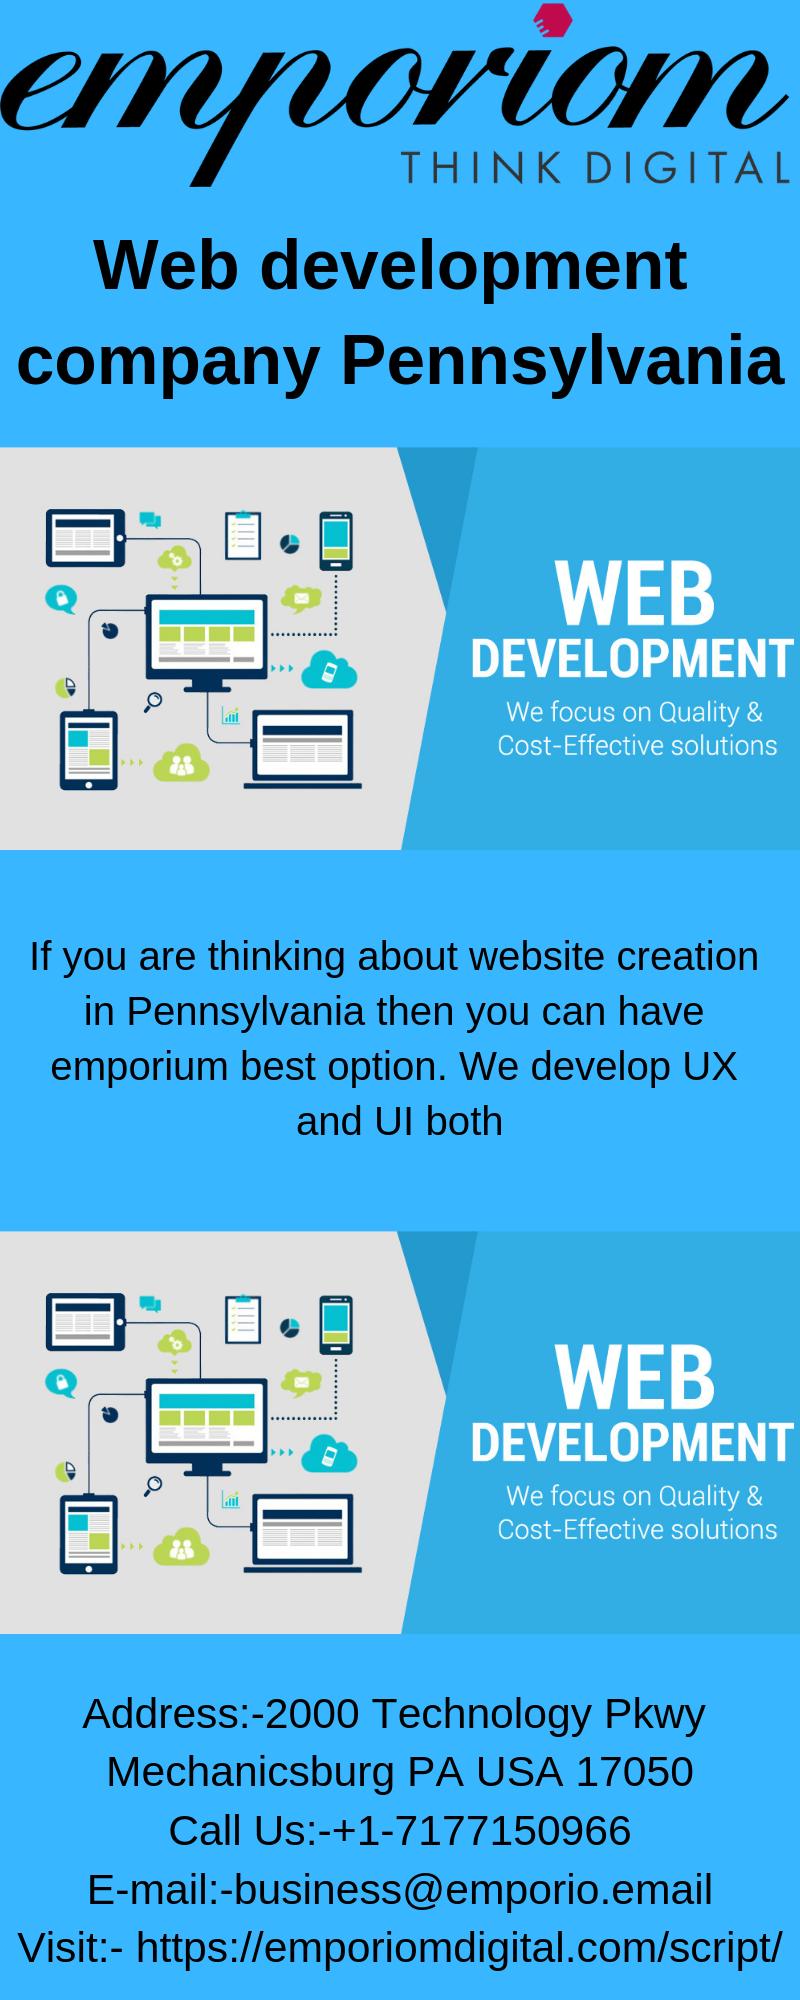 Web Development Company In Pennsylvania Web Development Company Web Development Interactive Advertising